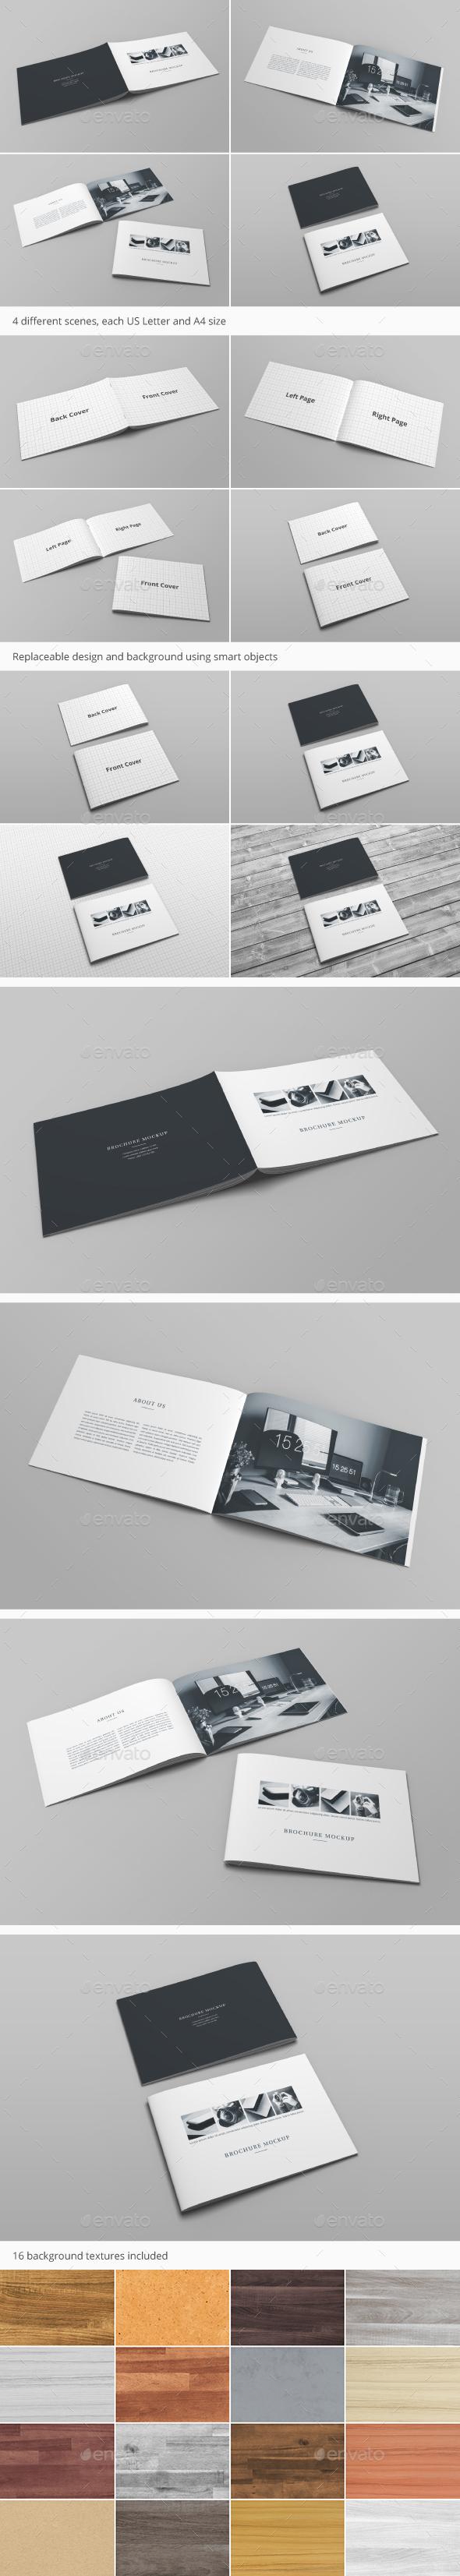 Brochure Catalog Mockup Vol. 3 - Brochures Print